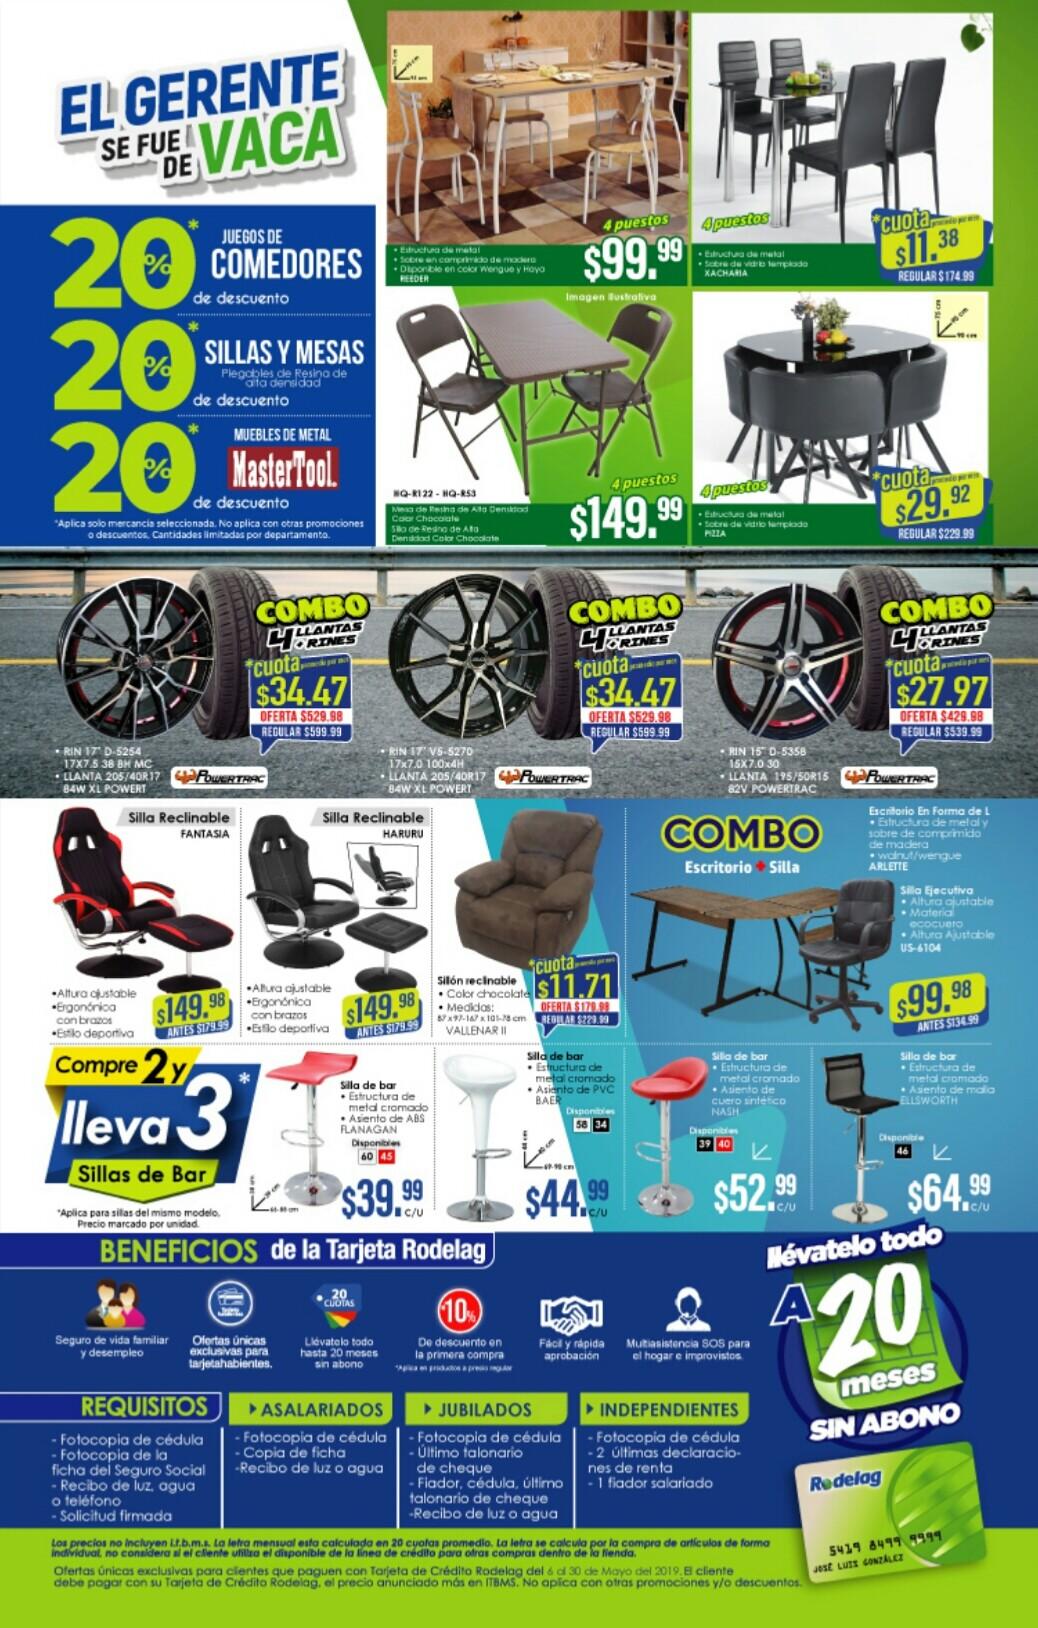 Catalogo Rodelag Mayo 2019 pagina 4